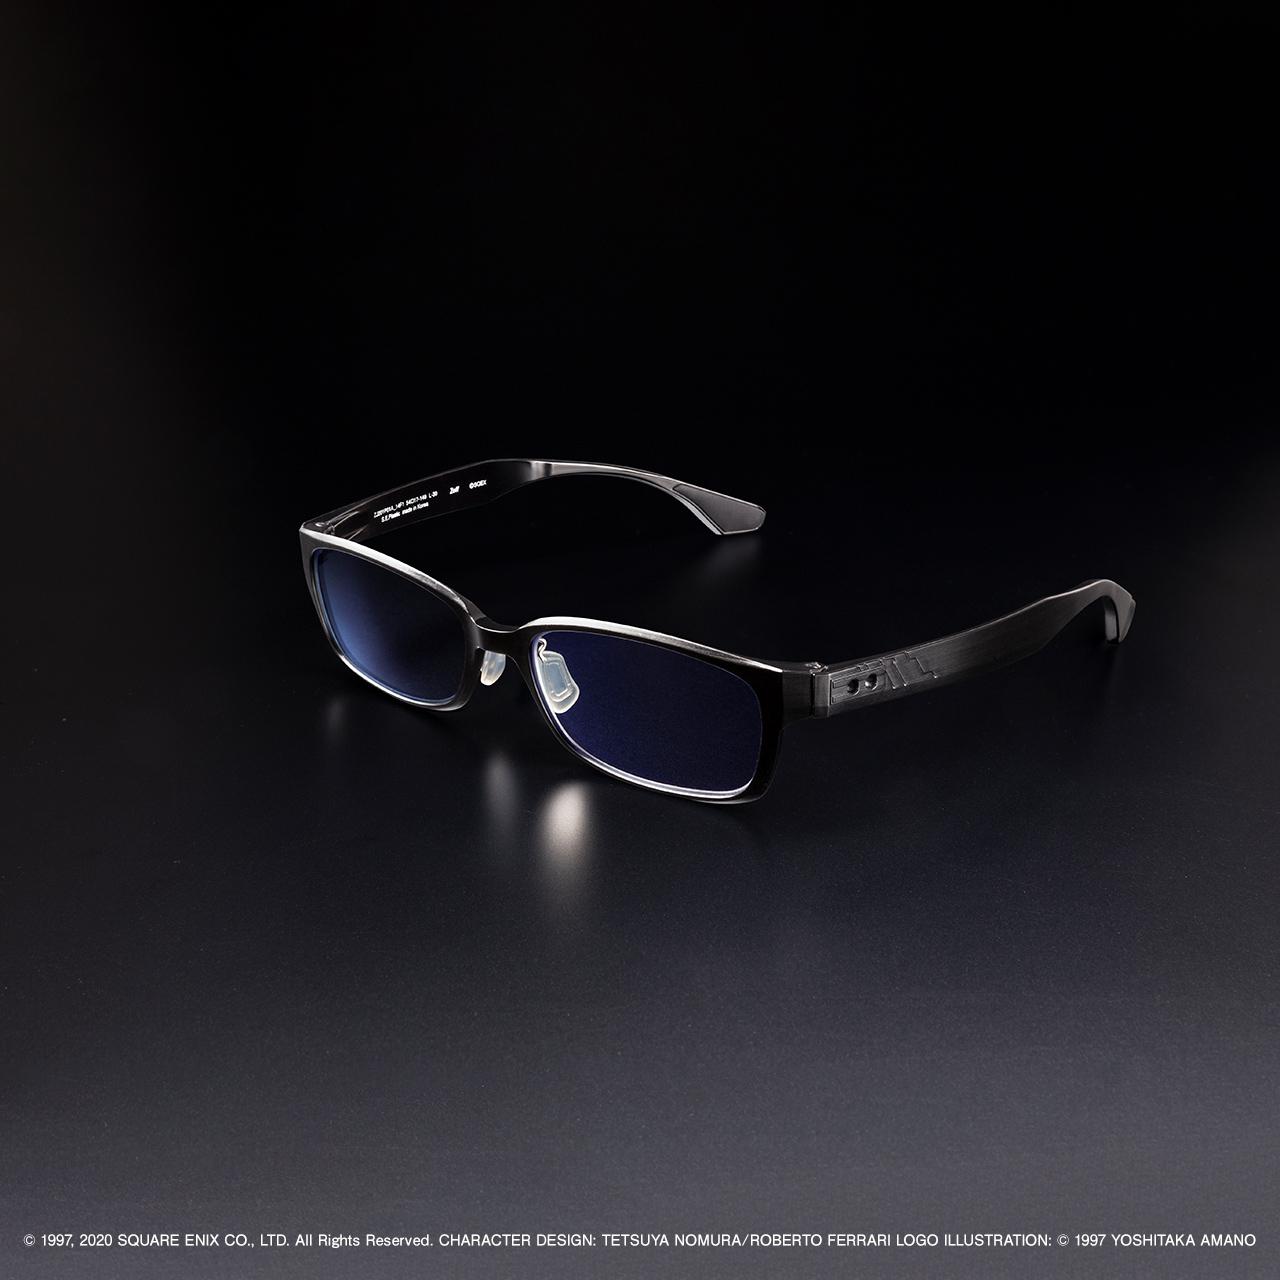 《最终幻想7:重制版》联动眼镜预购开启 镜腿有特点